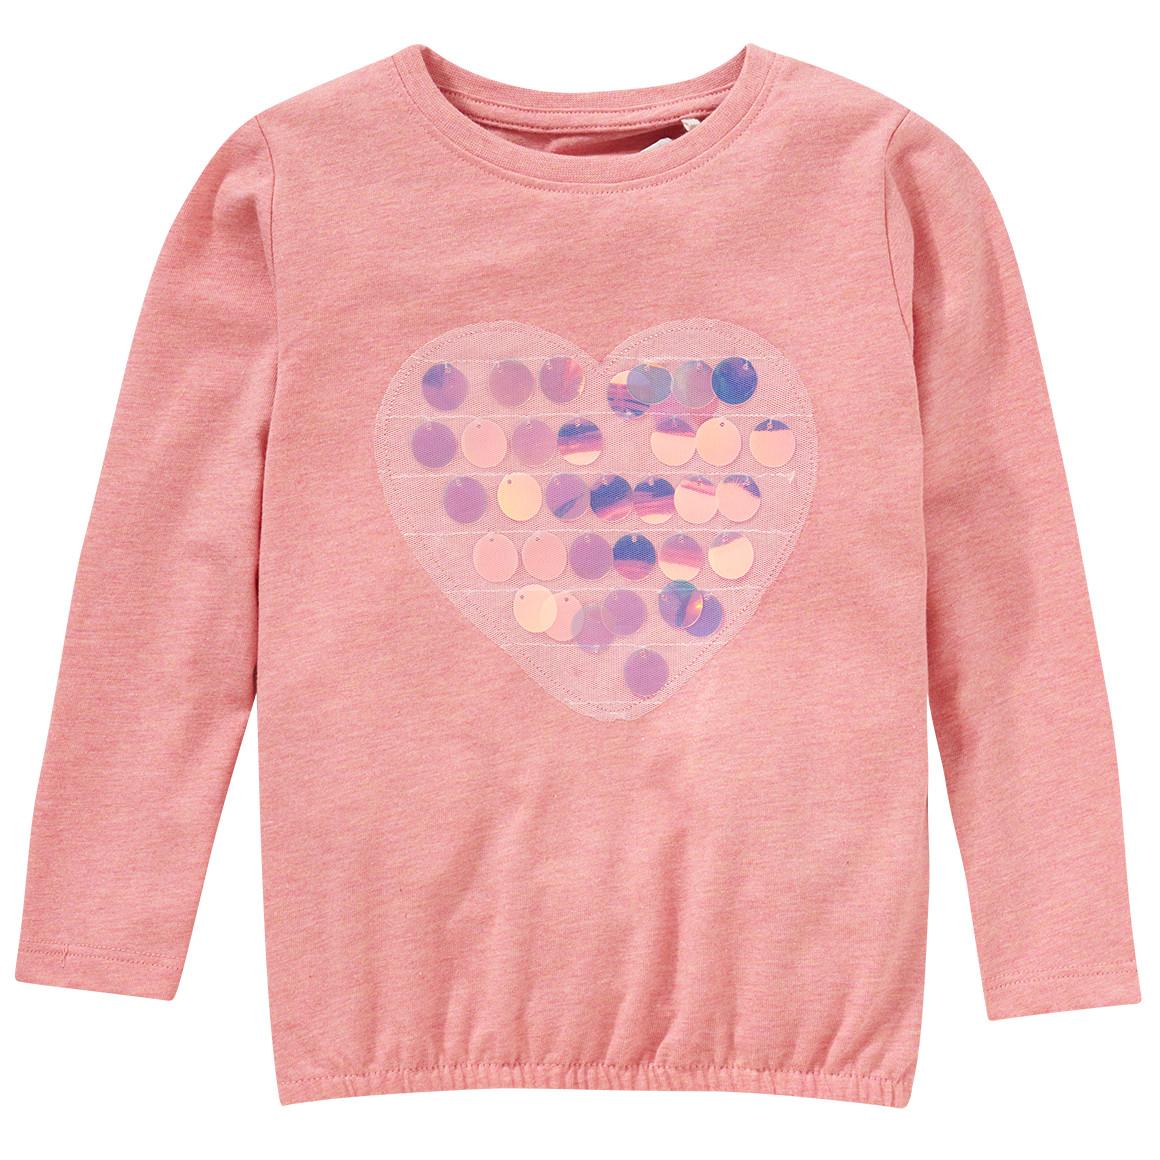 Minigirloberteile - Mädchen Langarmshirt mit großen Pailletten - Onlineshop Ernstings family